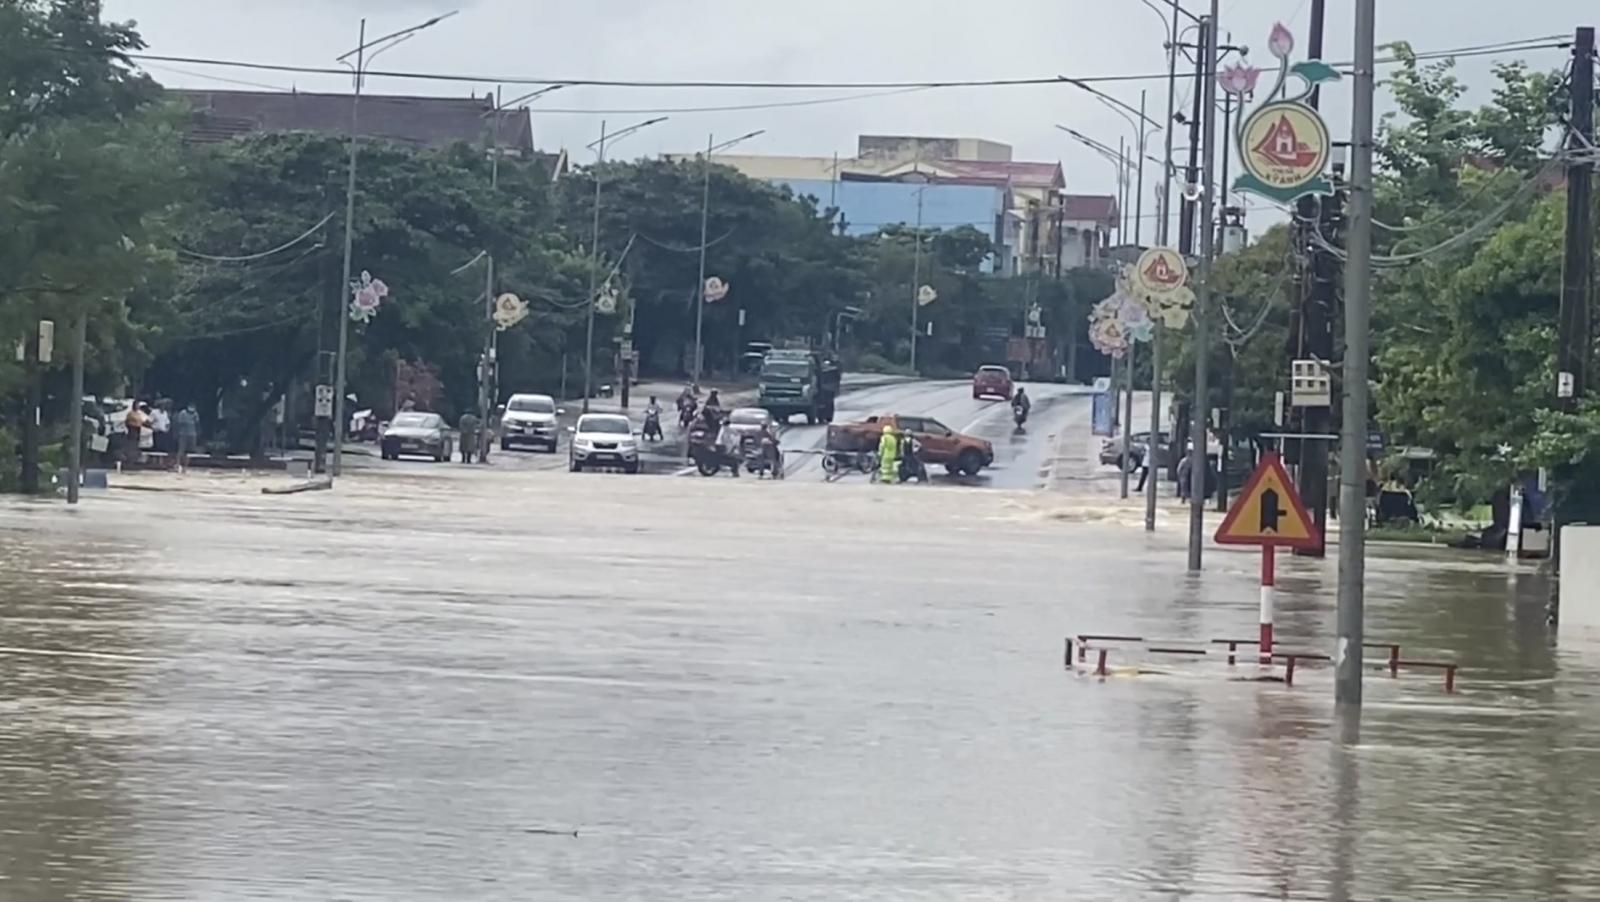 Hà Tĩnh: Mưa lớn trong nhiều giờ, Quốc lộ 1A bị chia cắt - Ảnh 3.